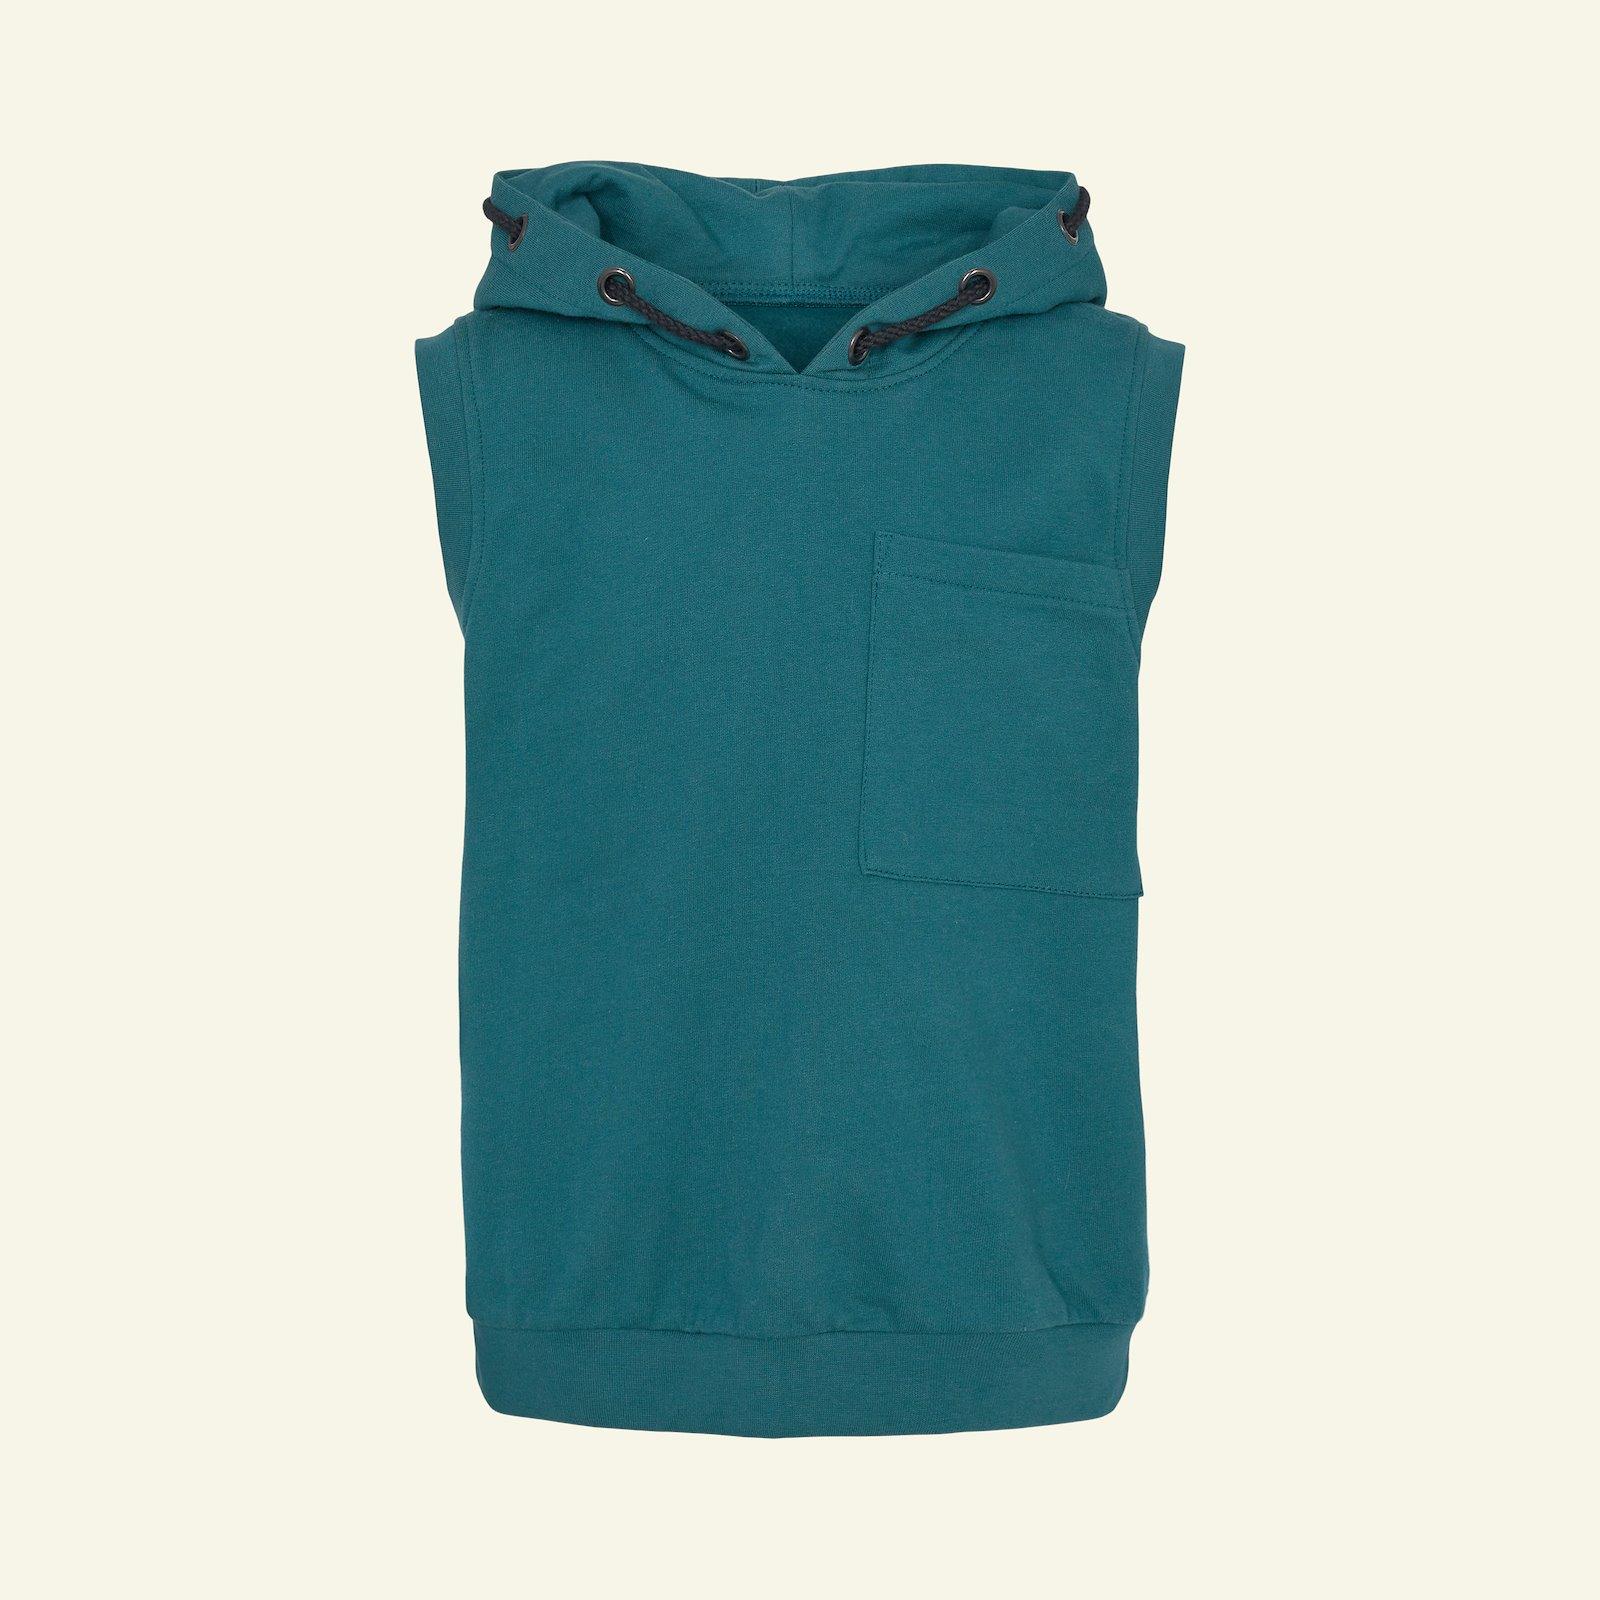 Hoodie waistcoat, 164/14y p62021_211775_75243_sskit